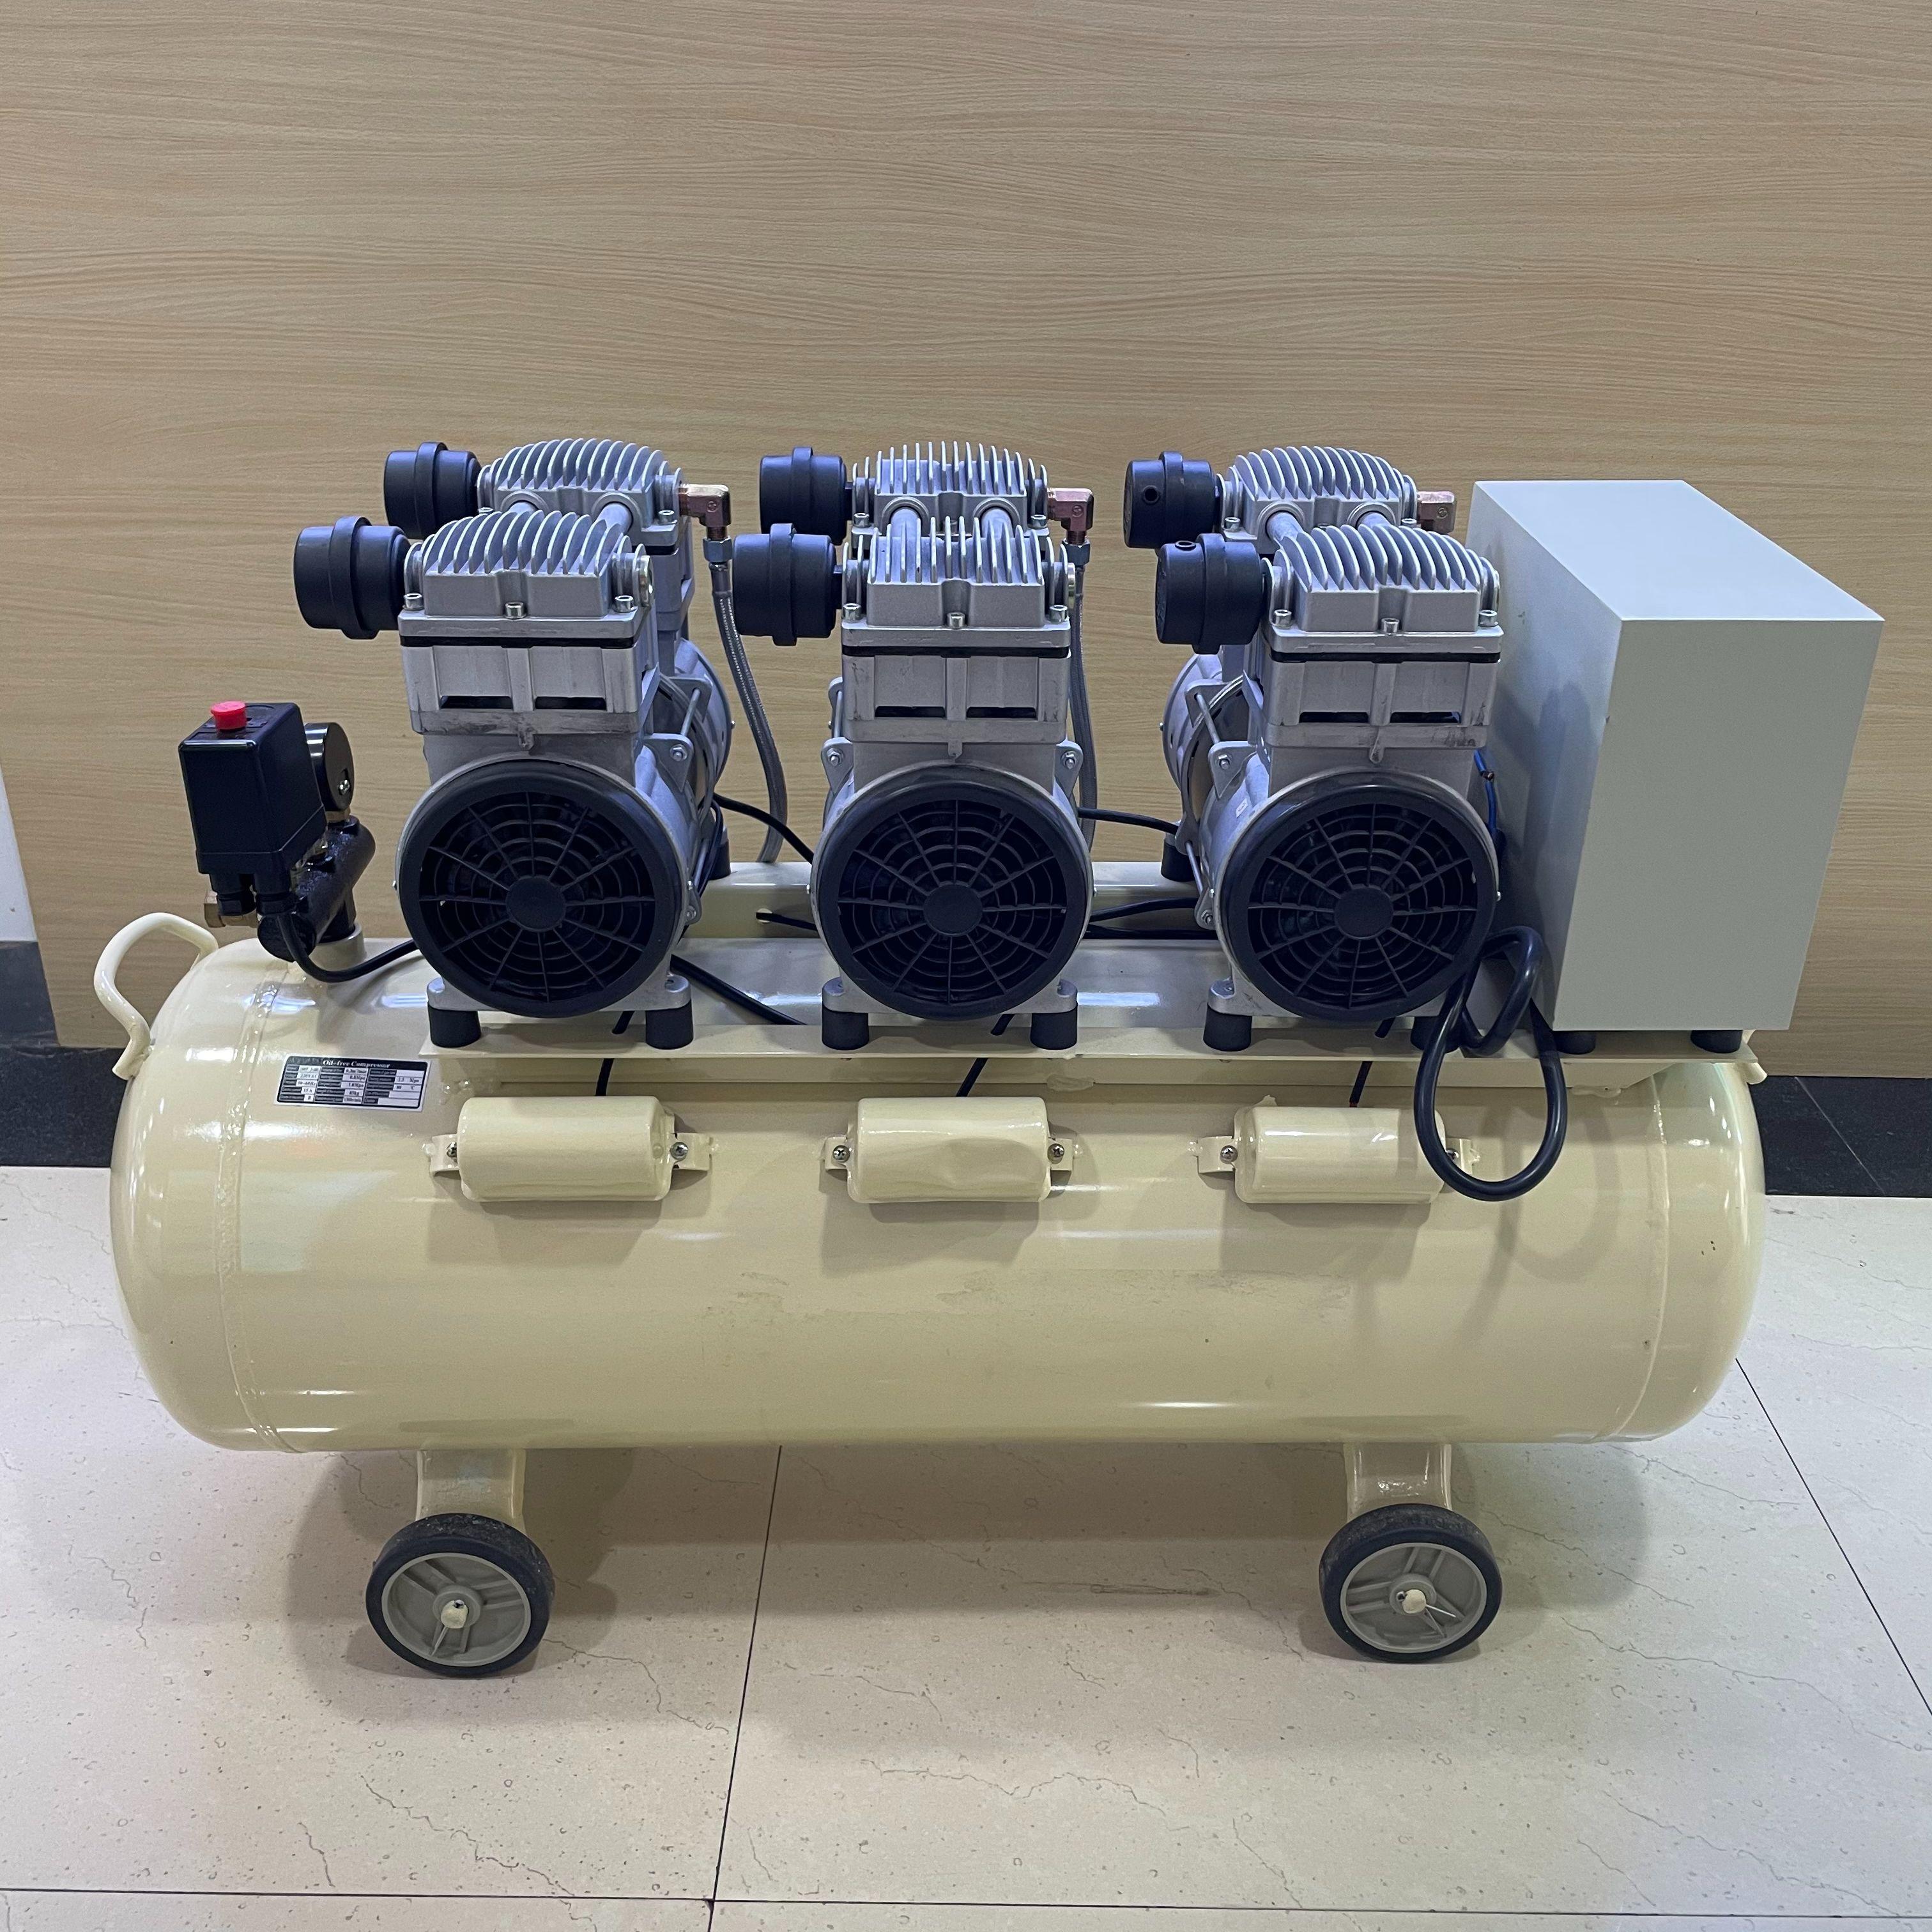 辉腾厂家外贸直销 便携空压机/气泵 无油静音空压机大型移动式高压气泵活塞式空气压缩机